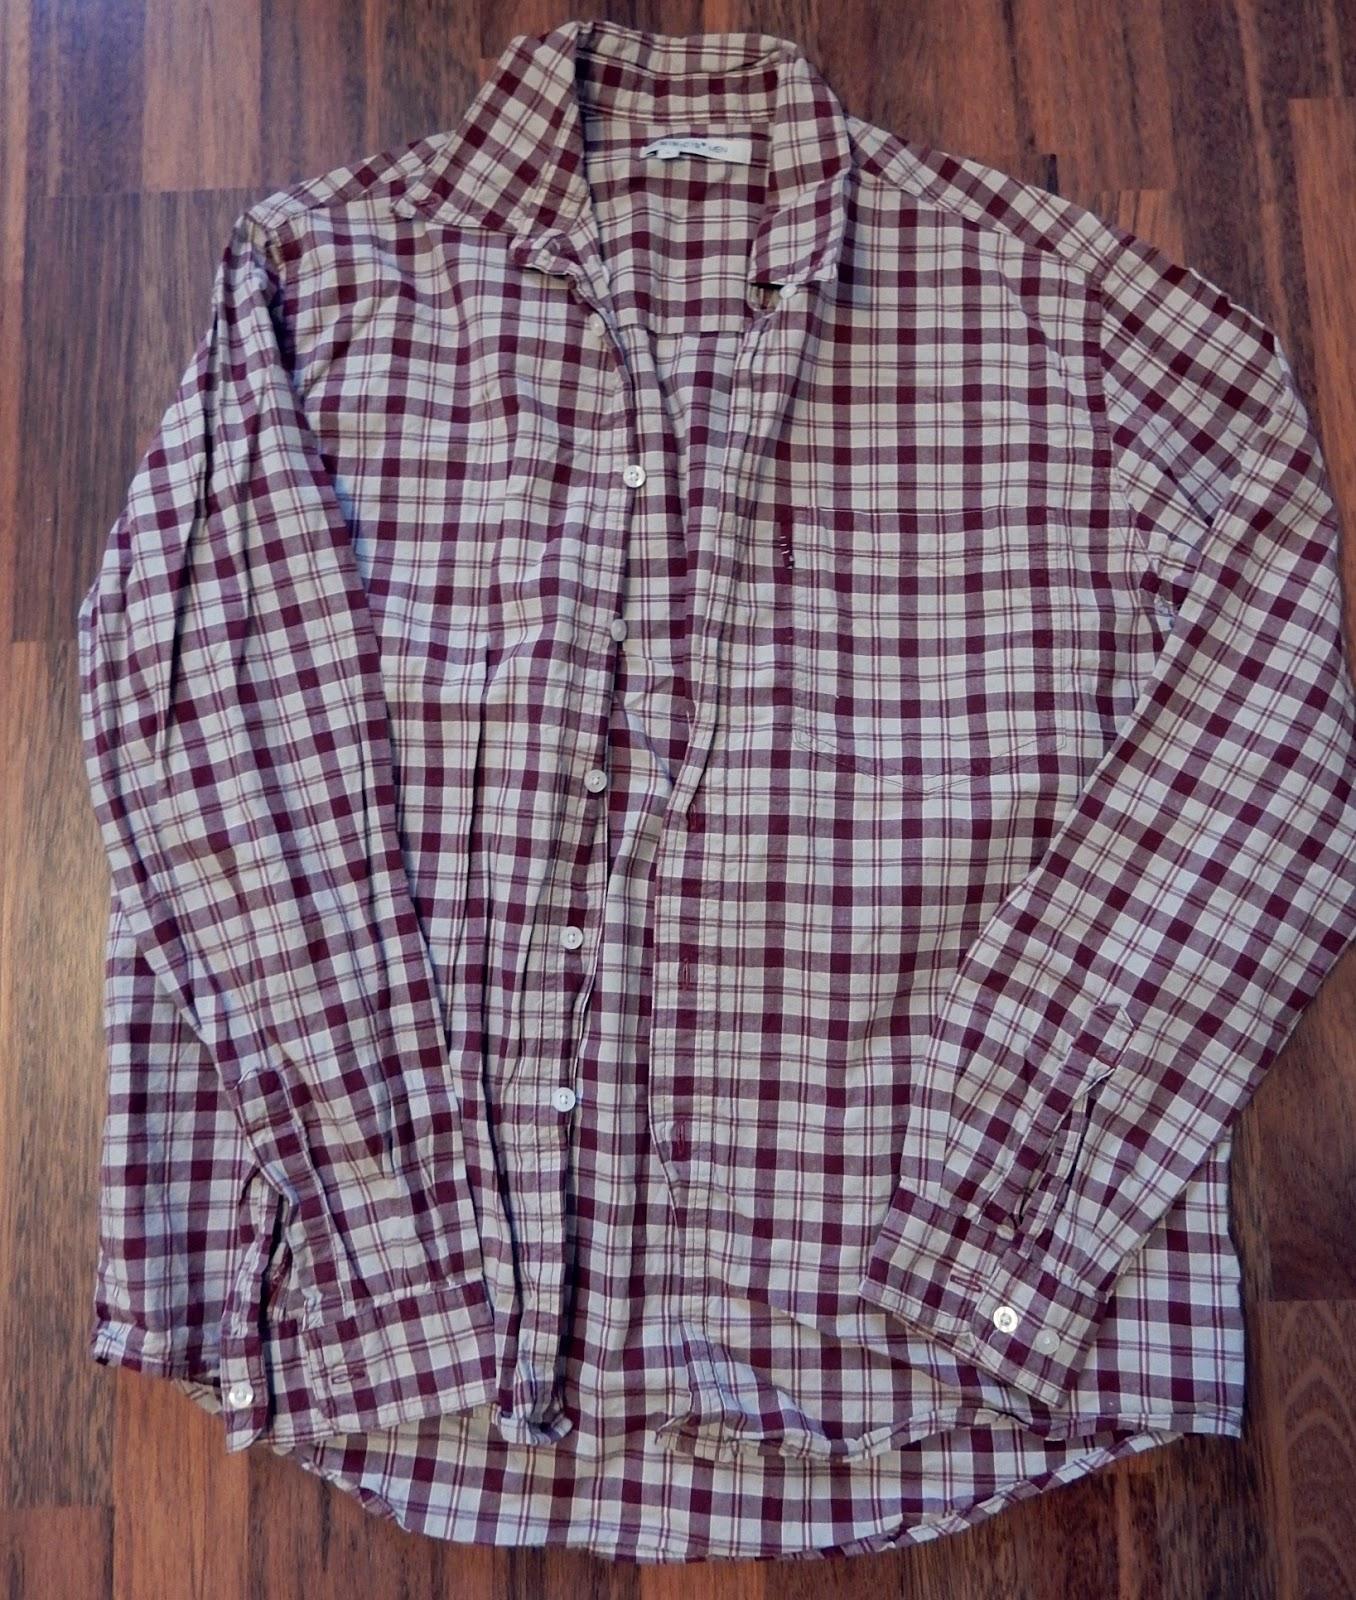 Siivouksen lomassa vastaan tulikin juuri sopiva miesten paita ja babydoll  tyyppinen paita minulle saatiin aloitettua. Siivous kannattaa siis. 28bdcf04e3